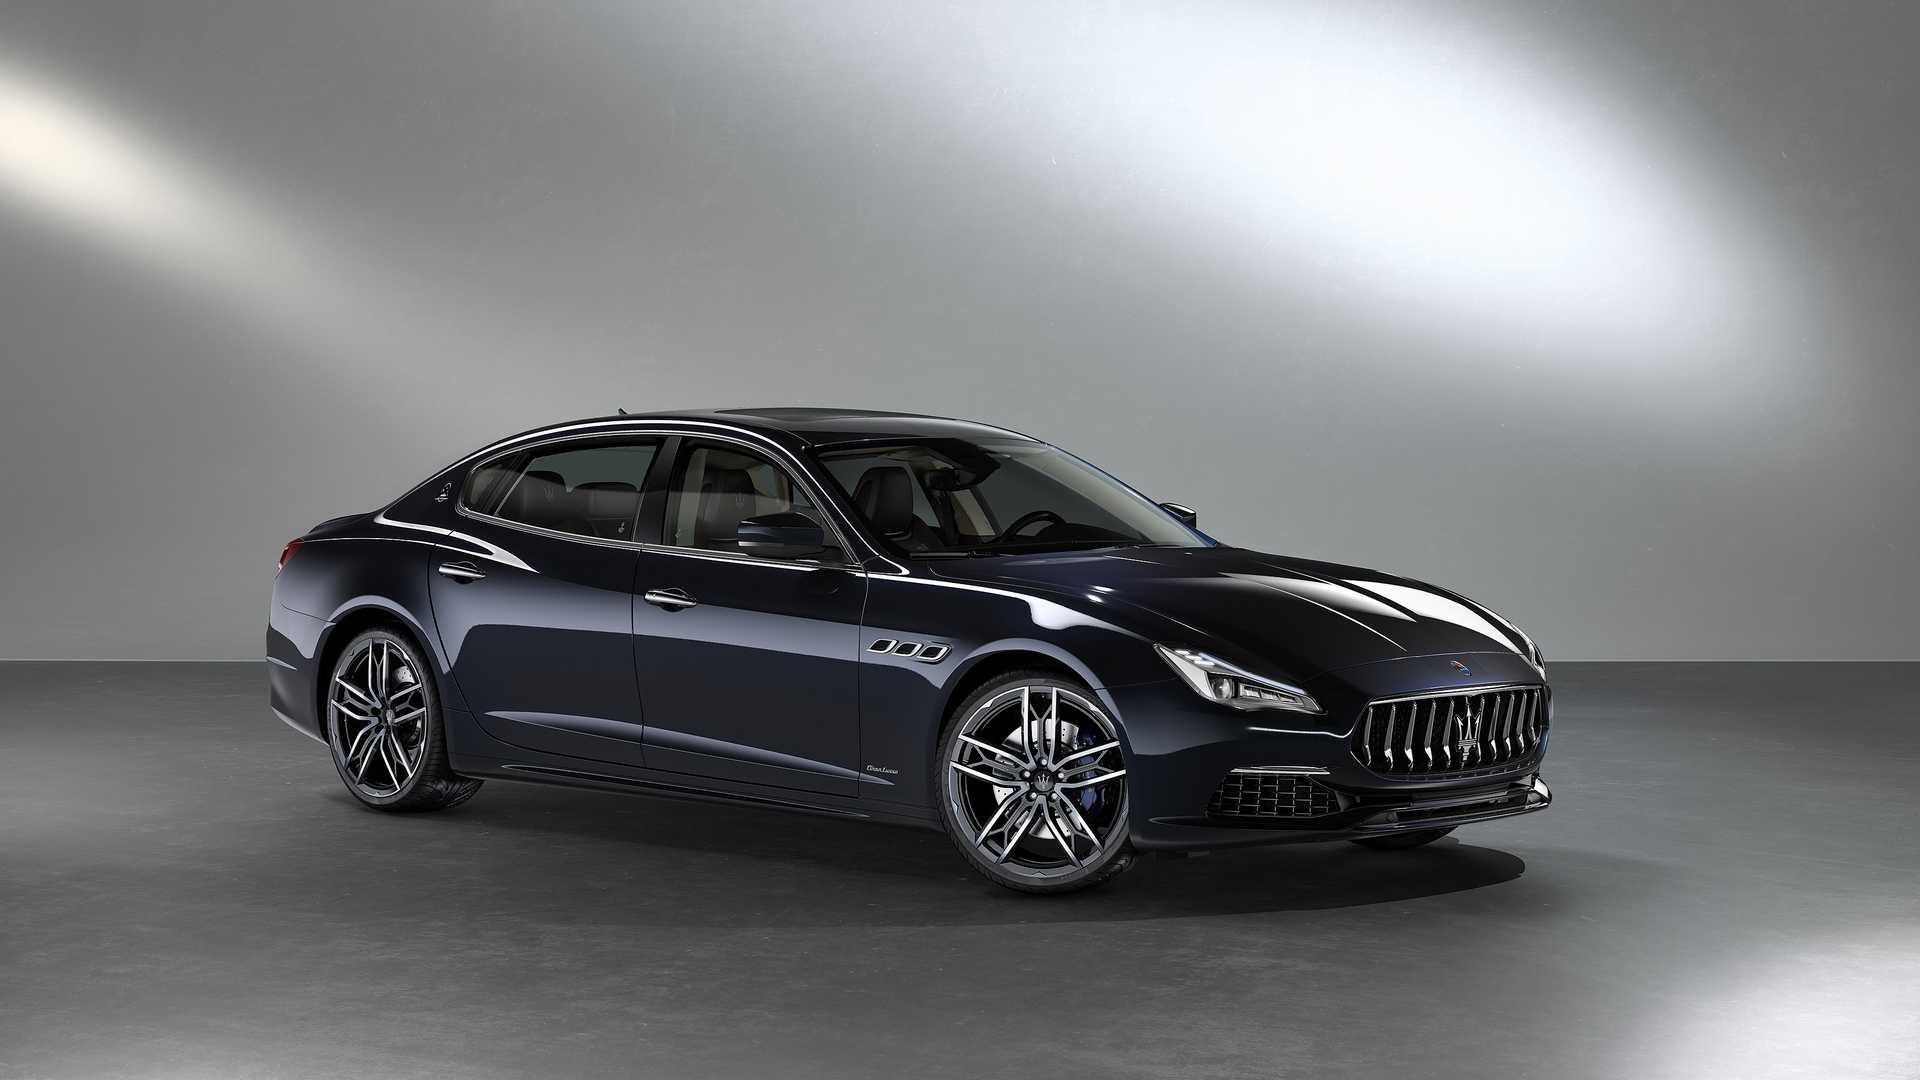 Maserati Quattroporte S Zegna Edition